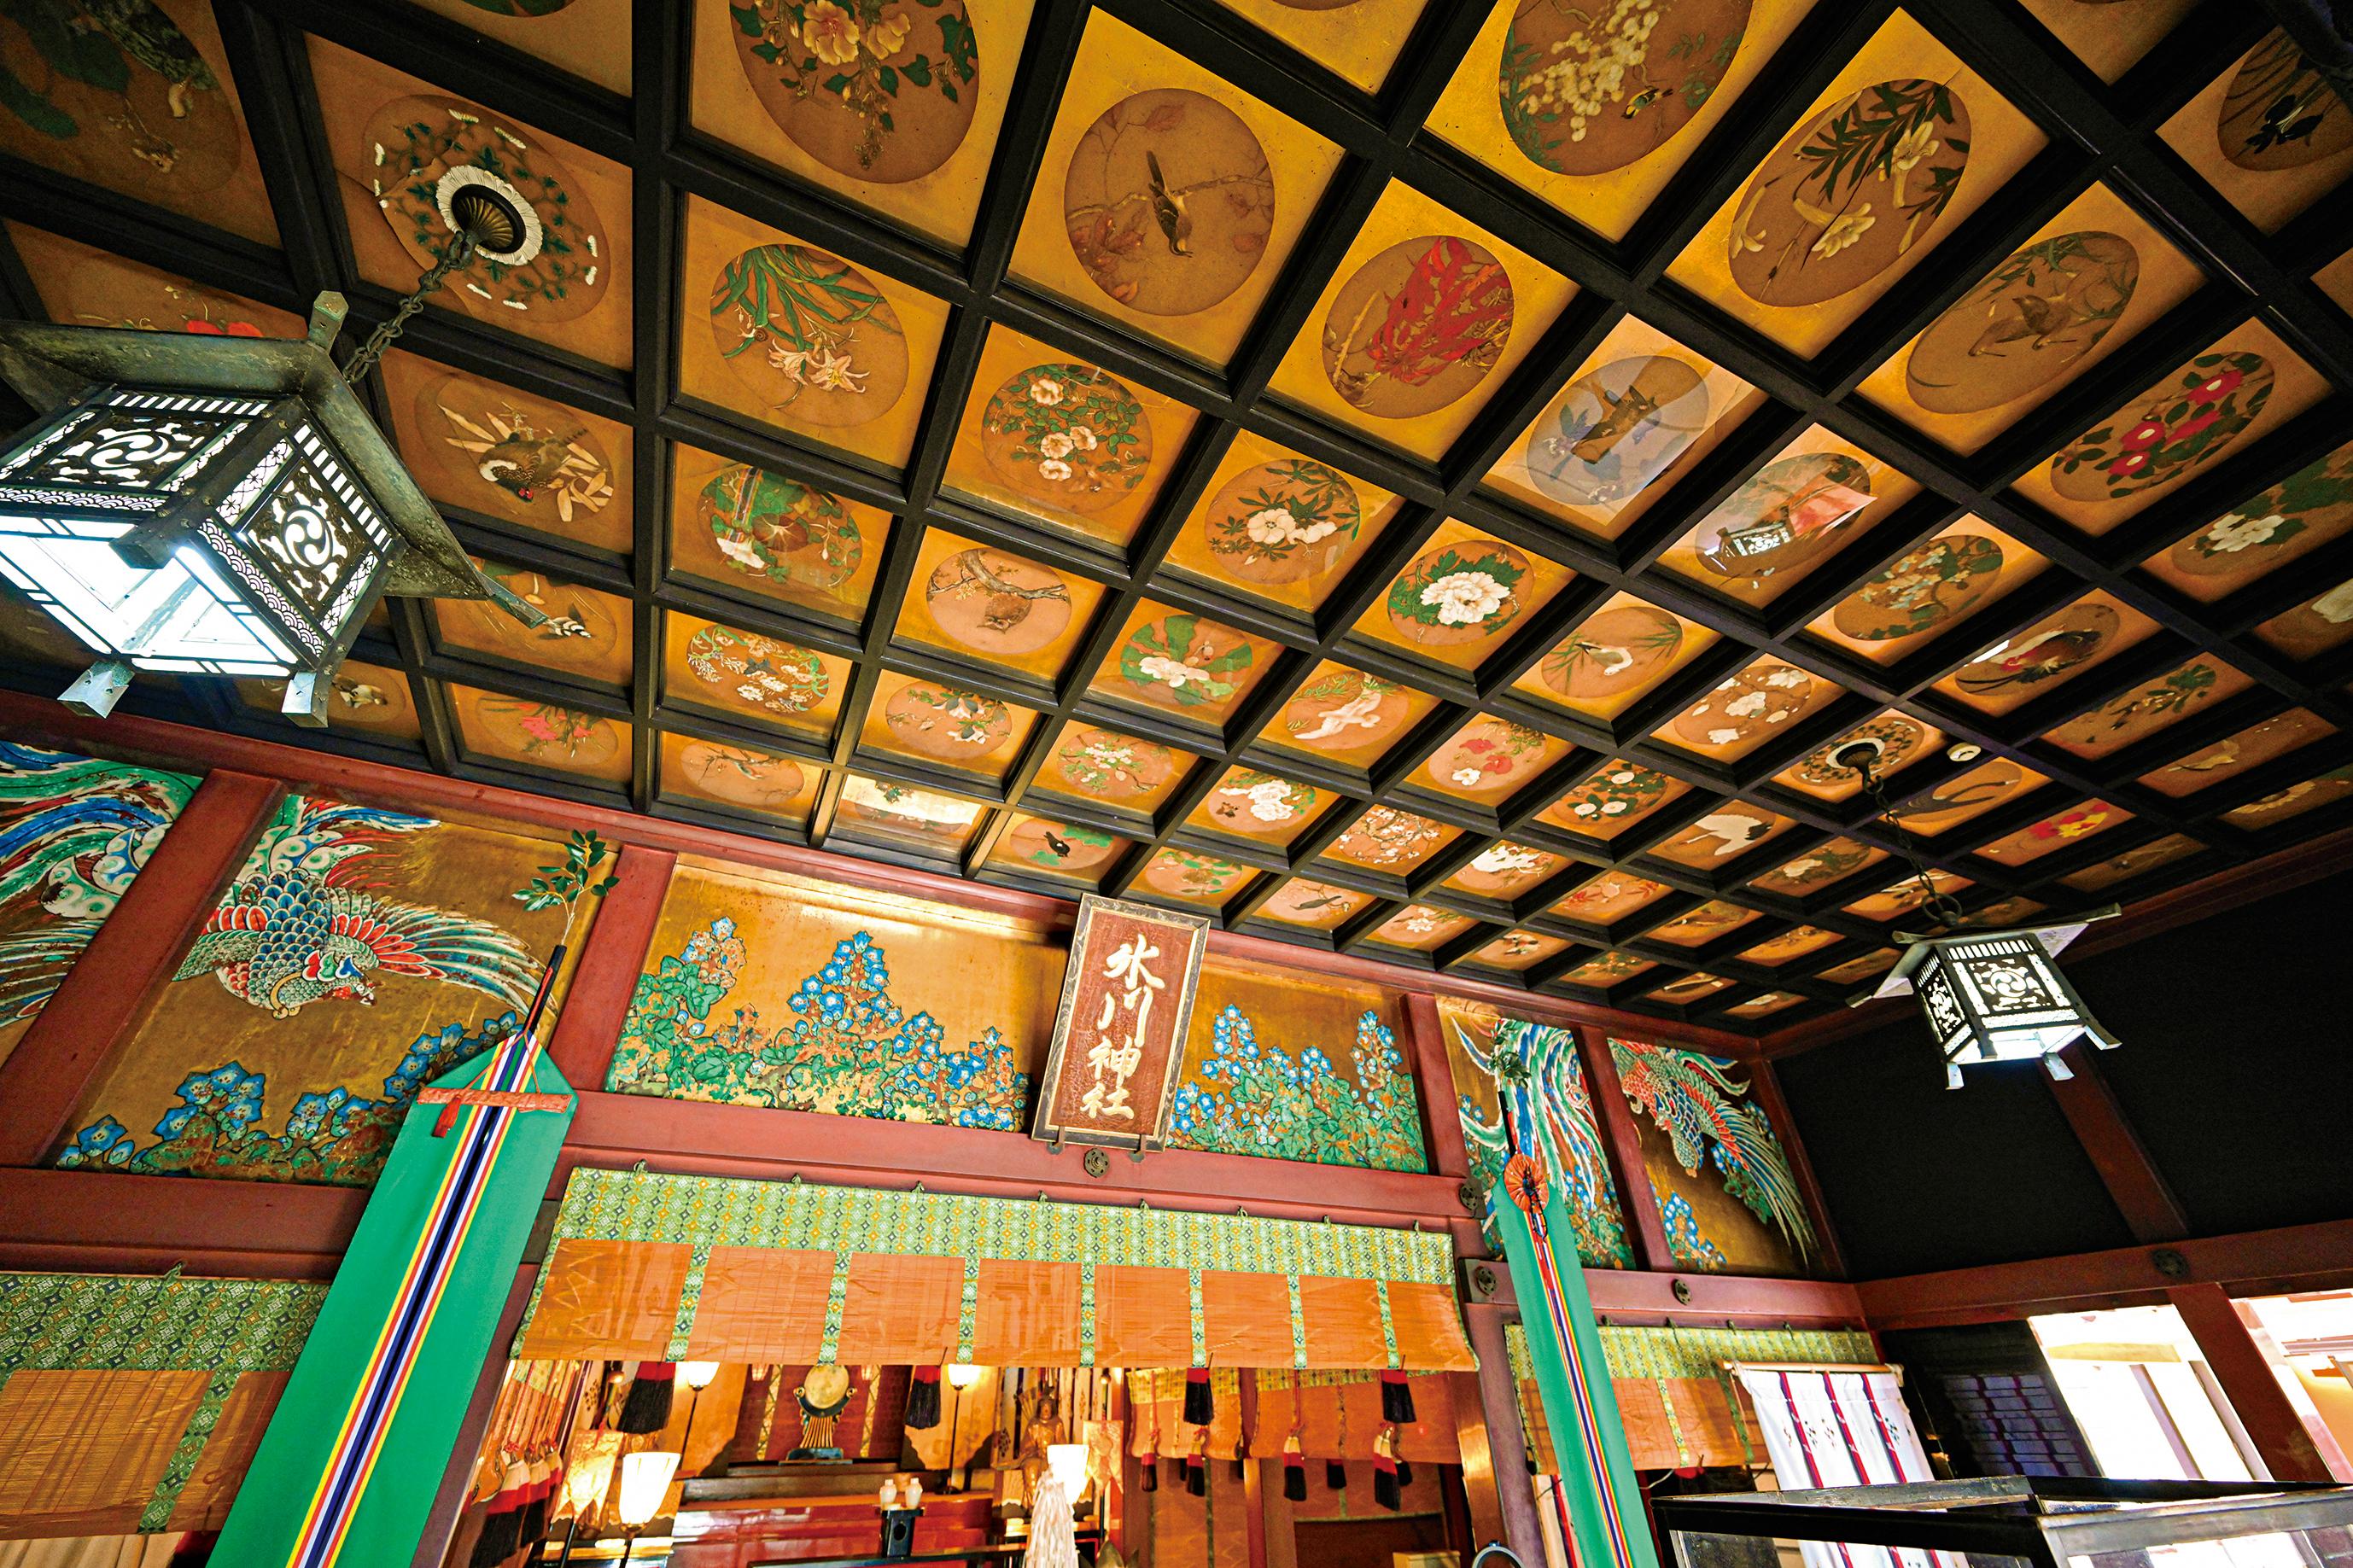 港区ー祈りの聖地 今昔STORY 第1回 赤坂氷川神社